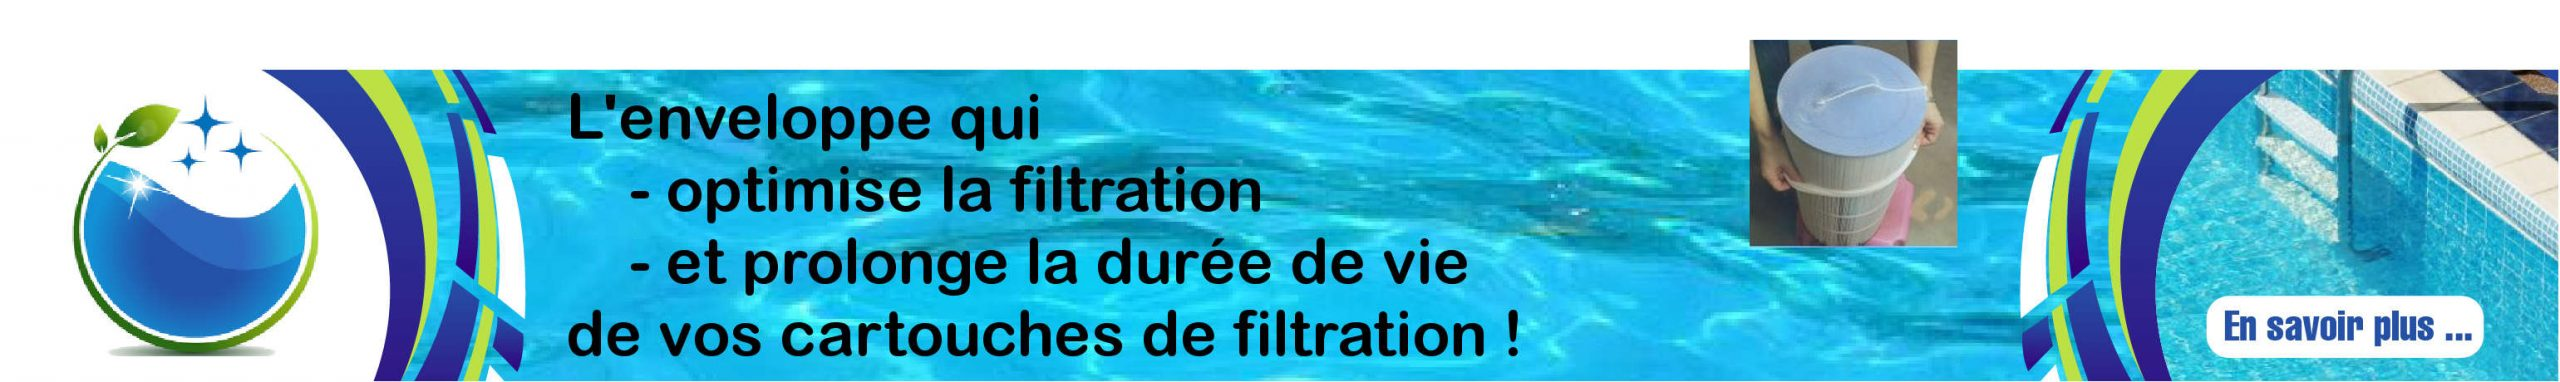 Temps De Filtration : Comment Le Définir ? à Temps De Filtration Piscine